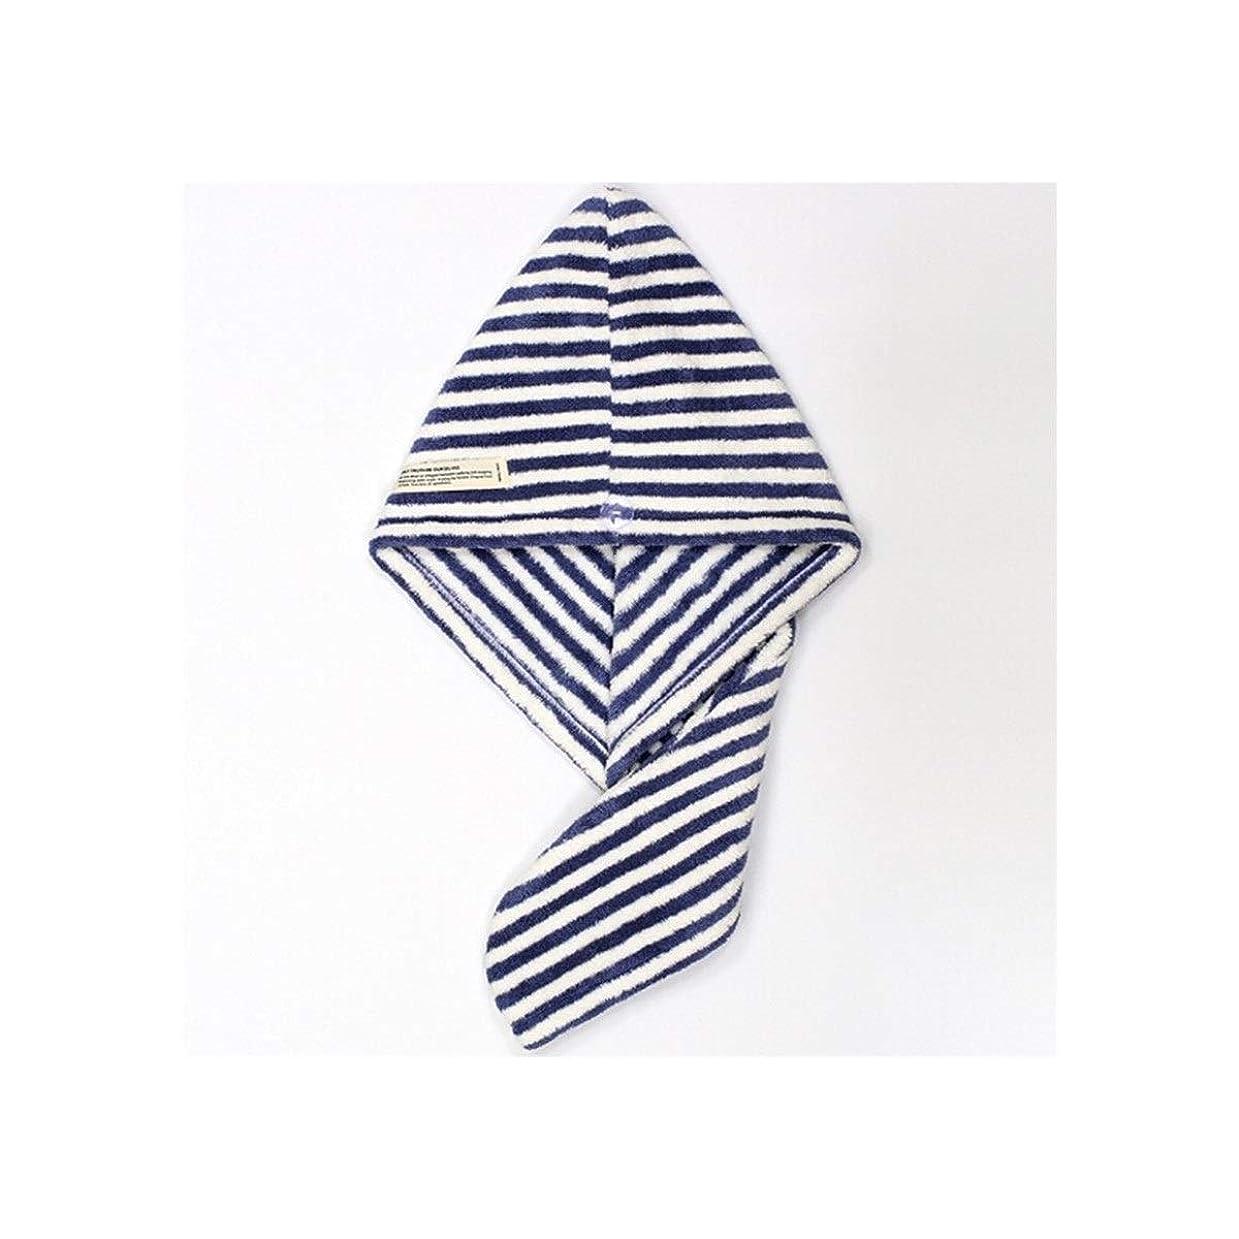 格差反映するバウンドHMSH シャワーキャップ、ポータブルヘアスタイリング、速乾性タオル、ネイビーブルー (Color : Navy)